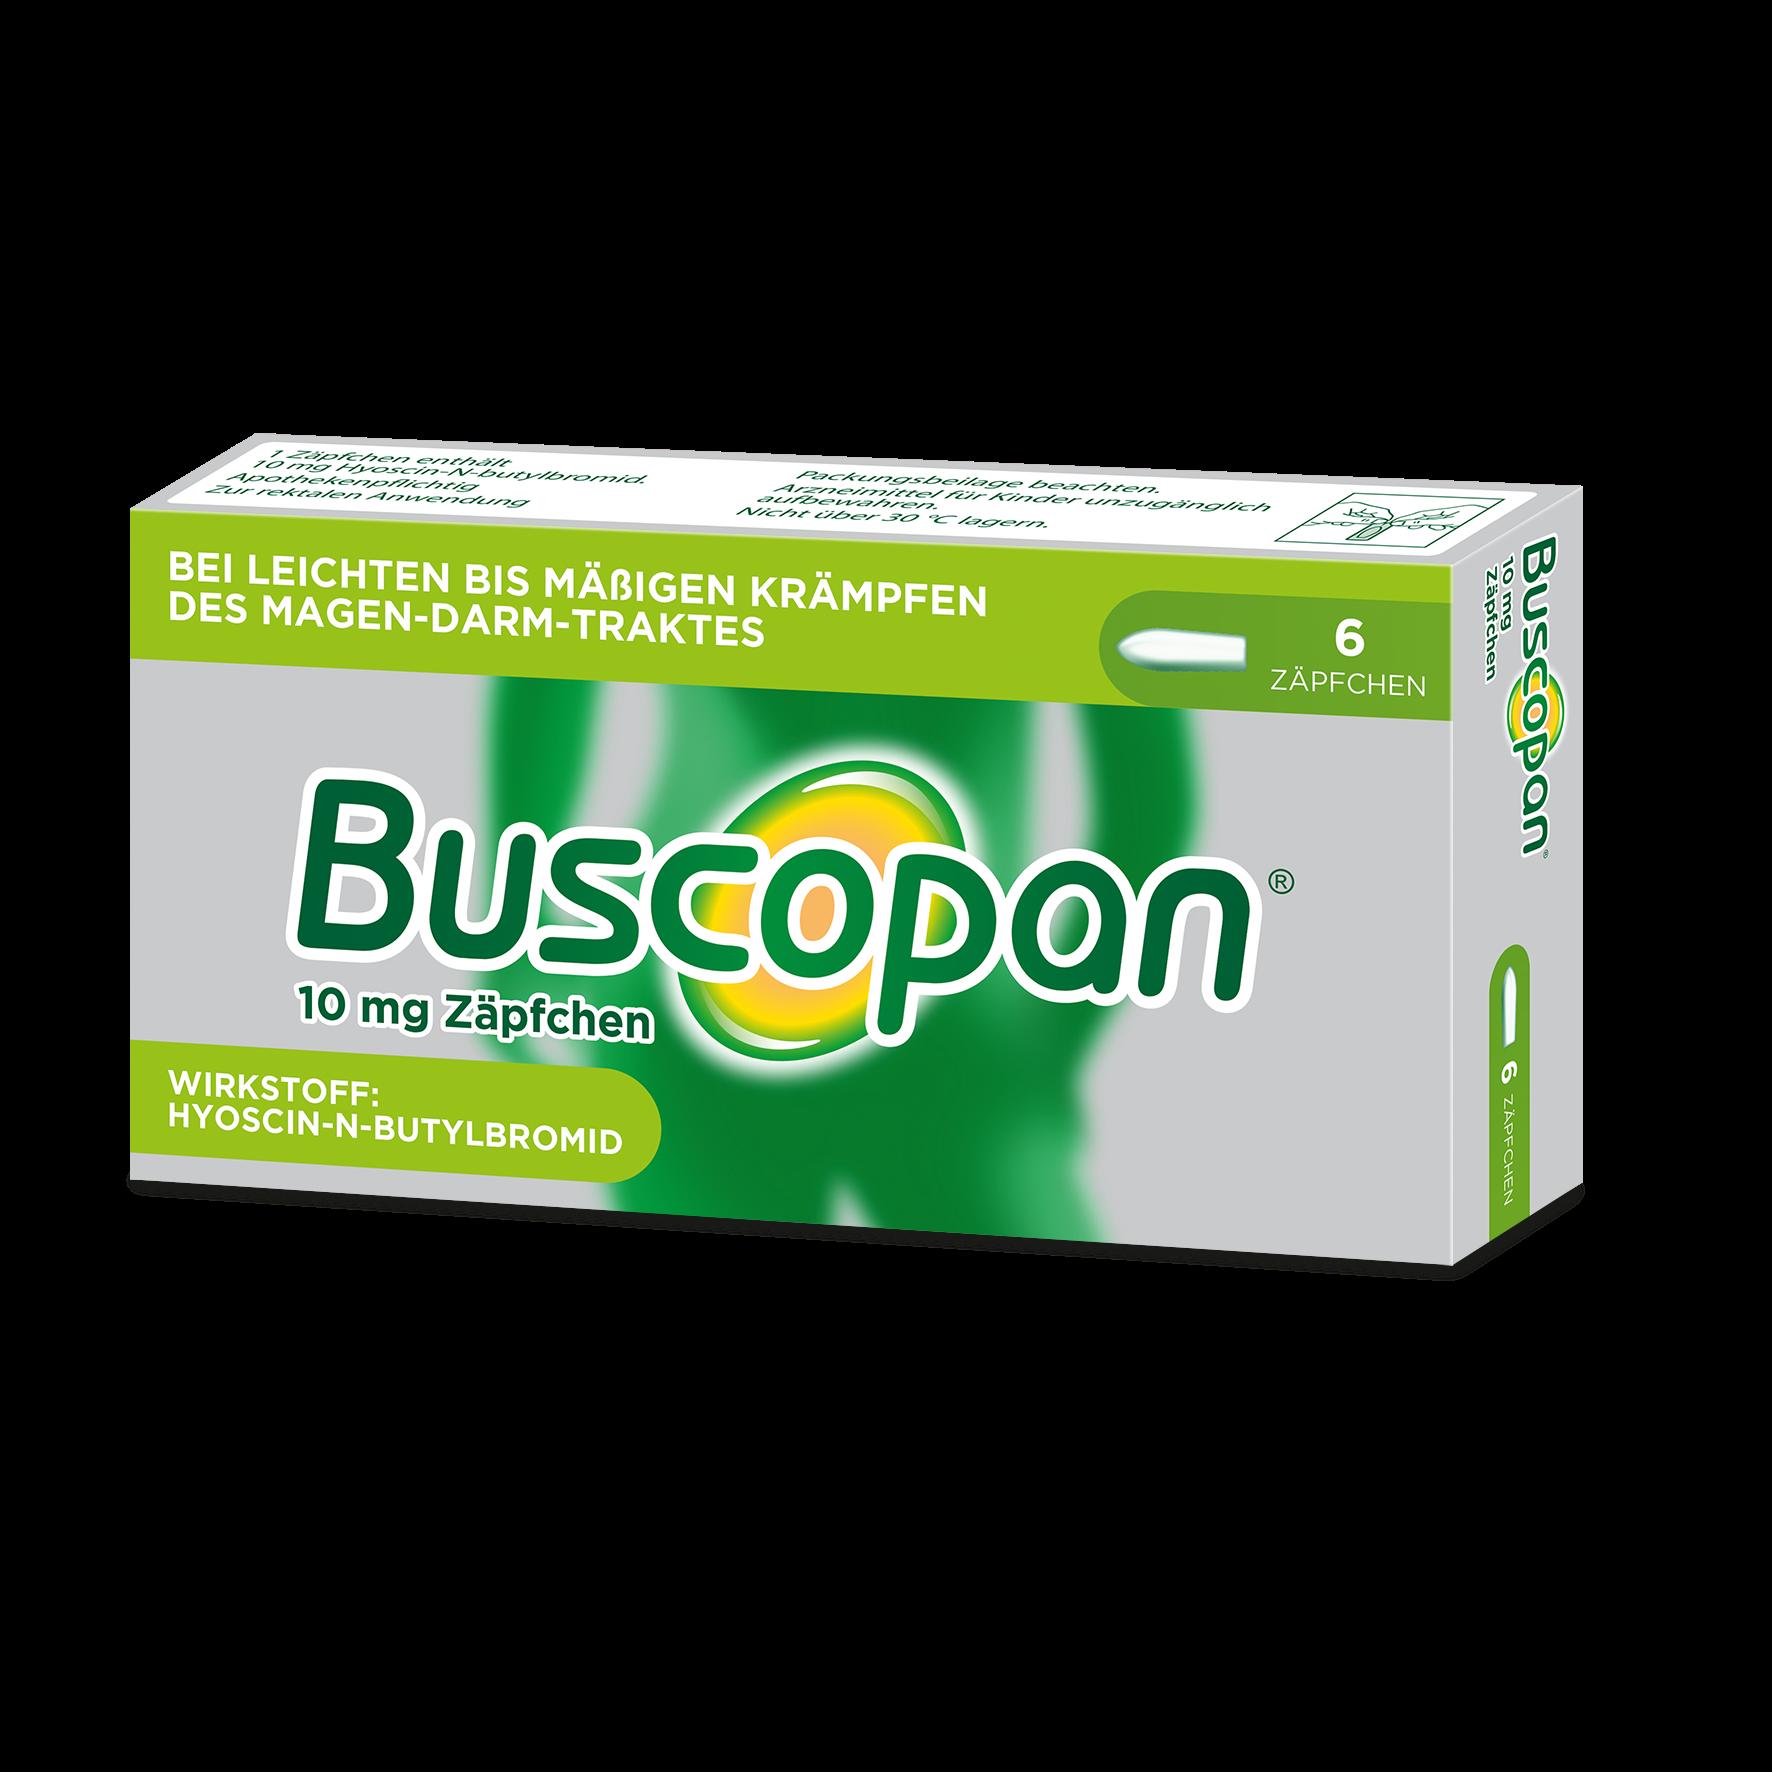 Buscopan Zäpfchen 10mg